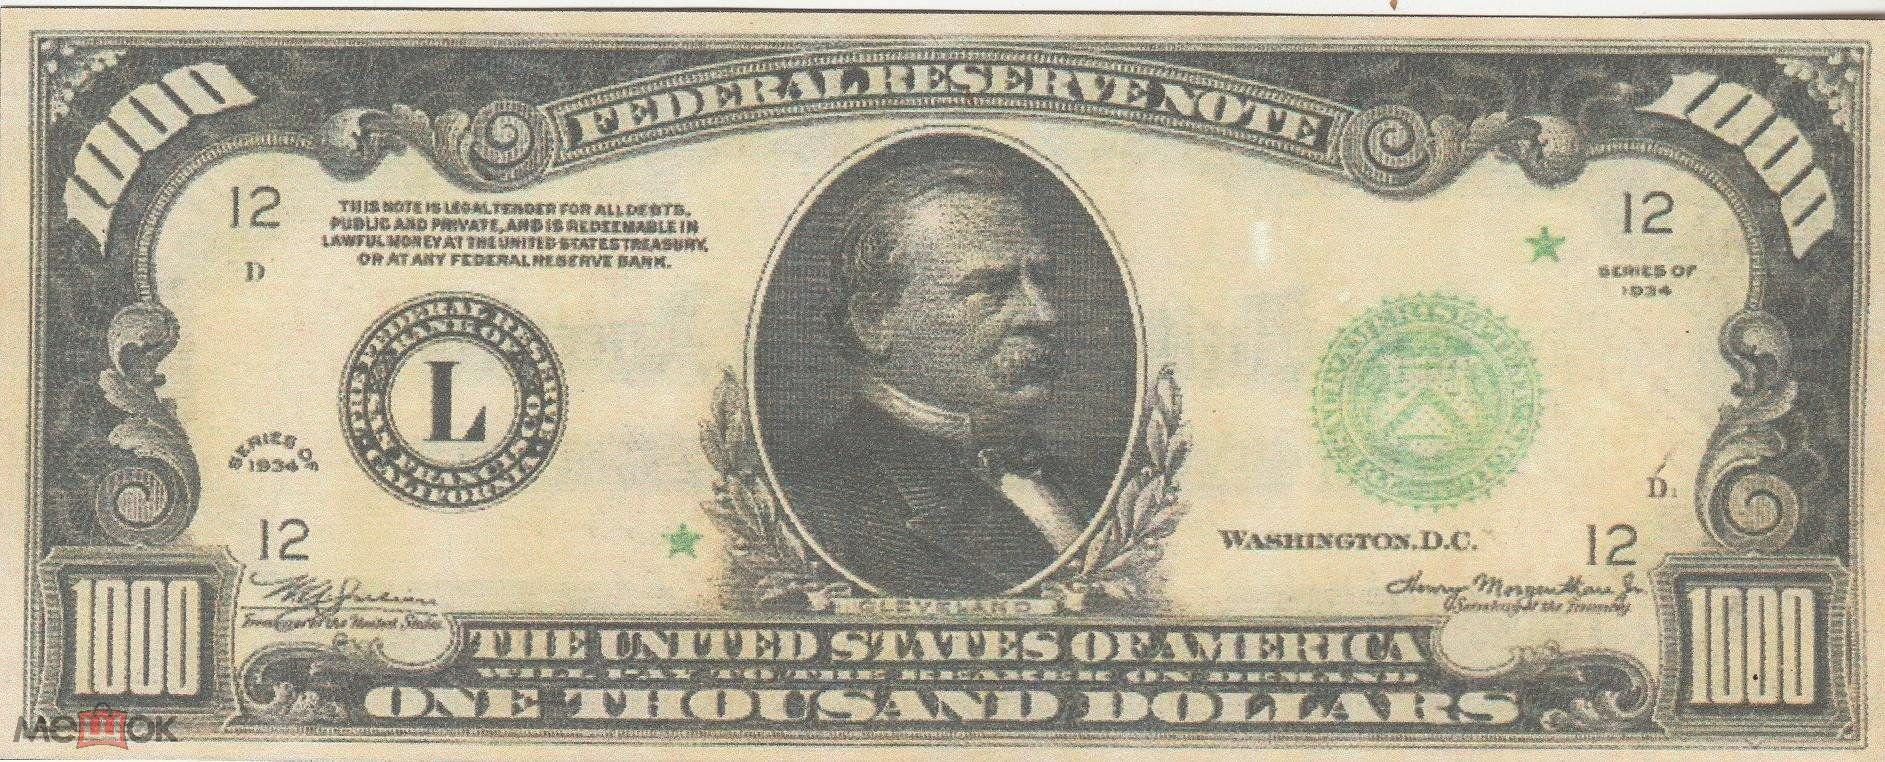 КОПИЯ ! 1000 долларов 1934 США.  РАСПРОДАЖА!